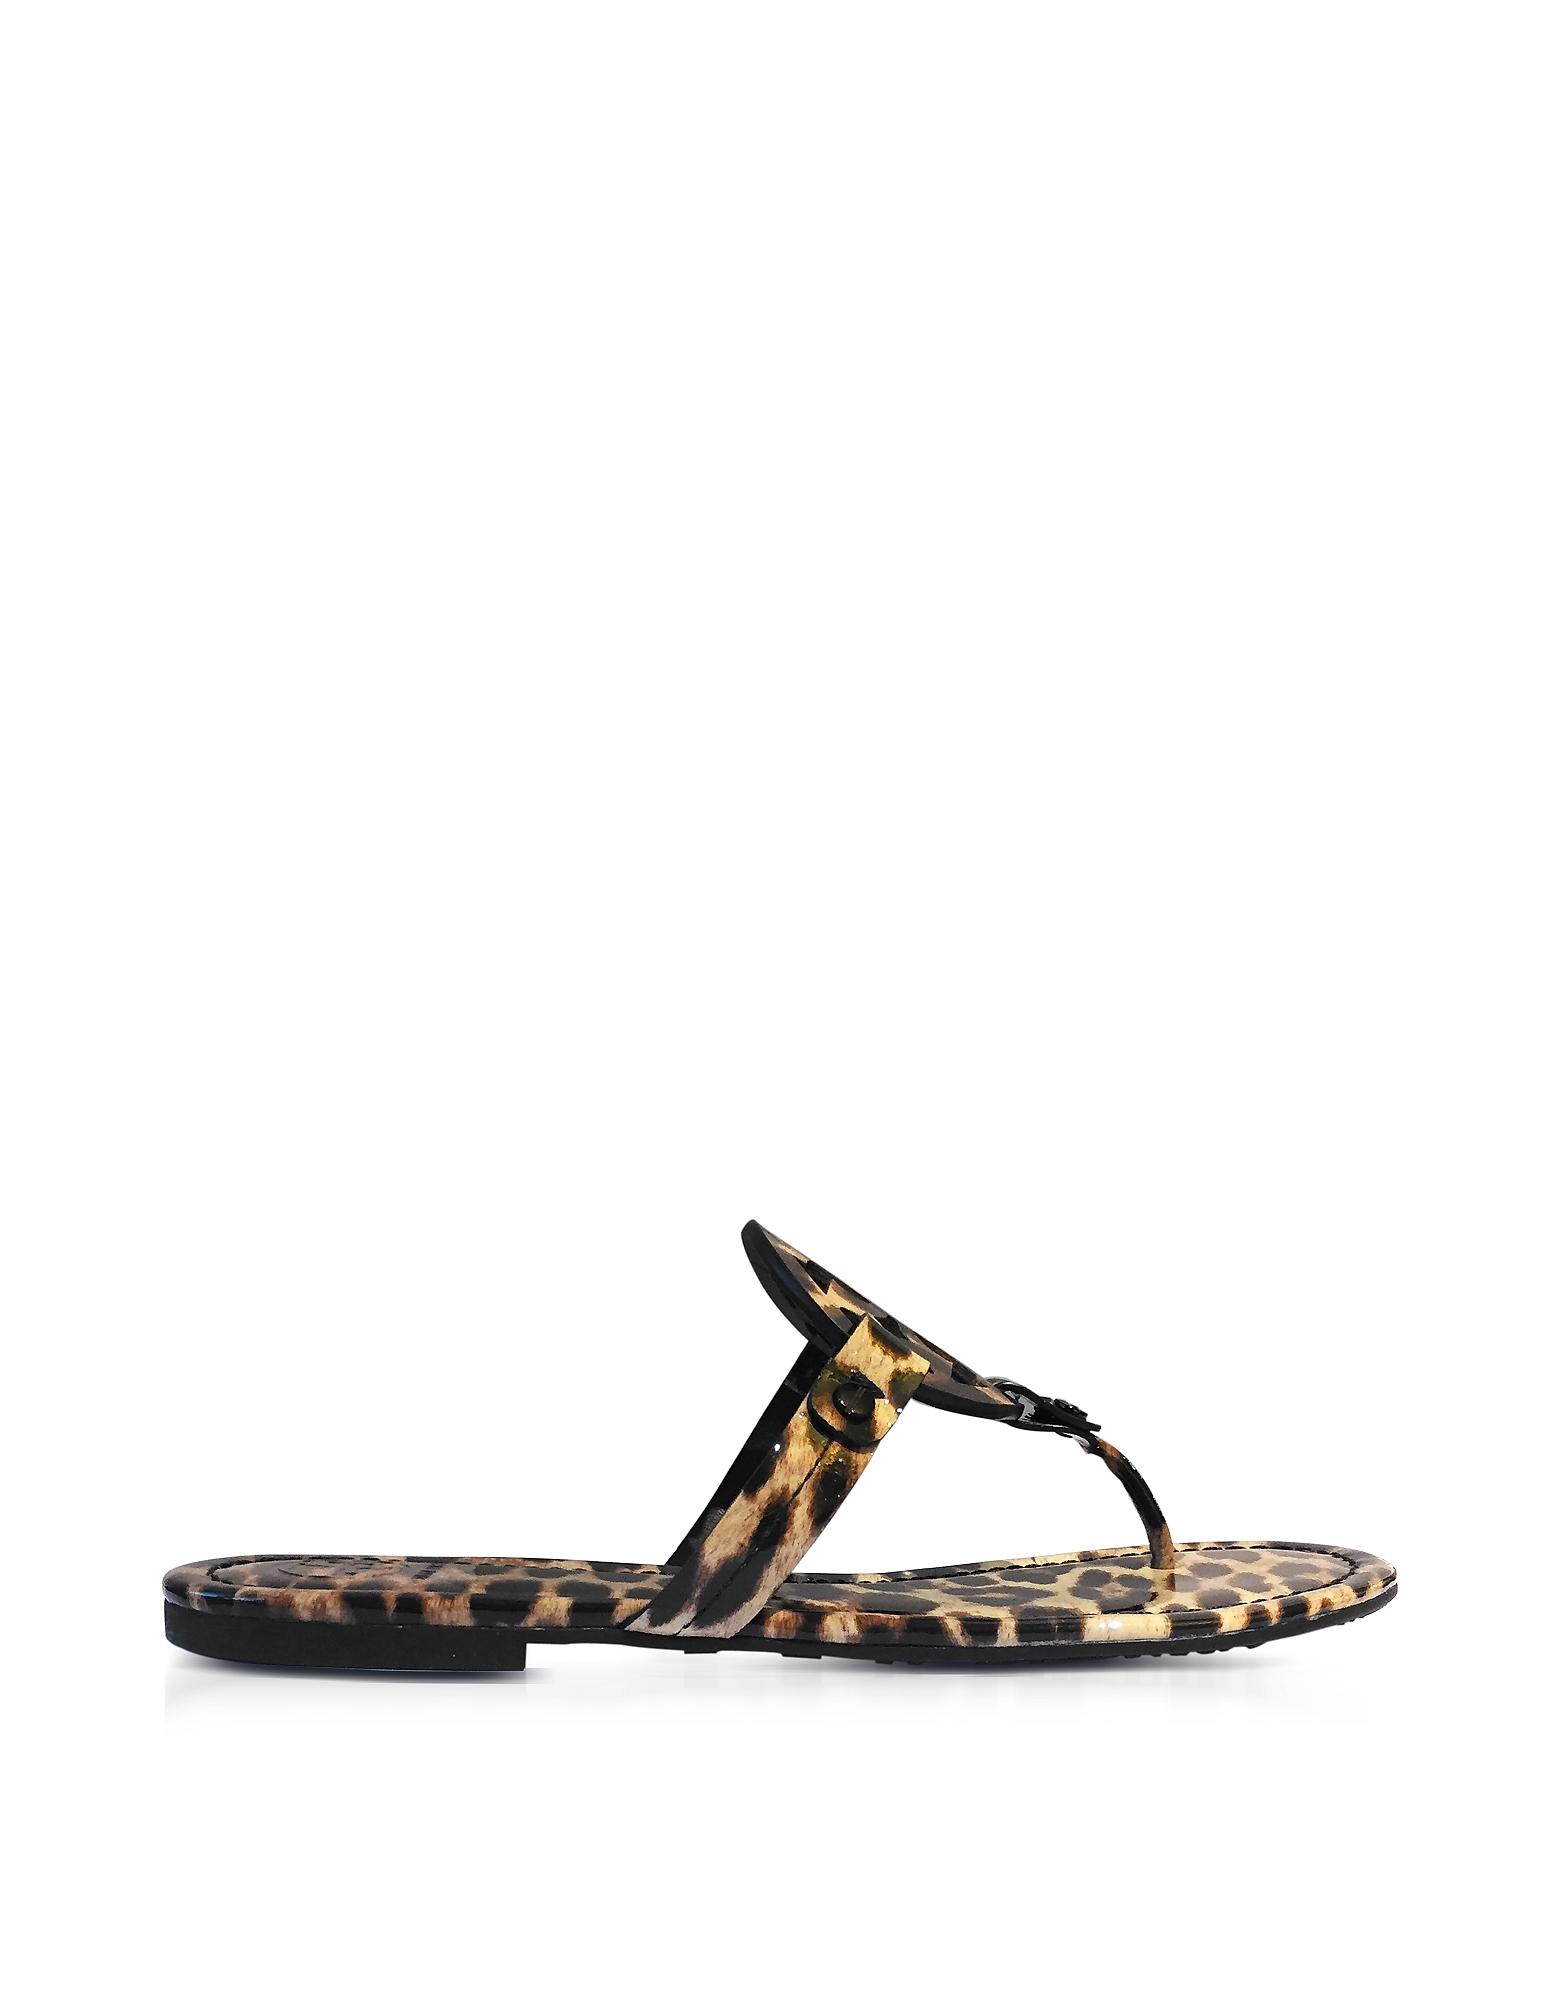 Miller - Сандалии на Плоской Подошве из Кожи с Леопардовым Принтом